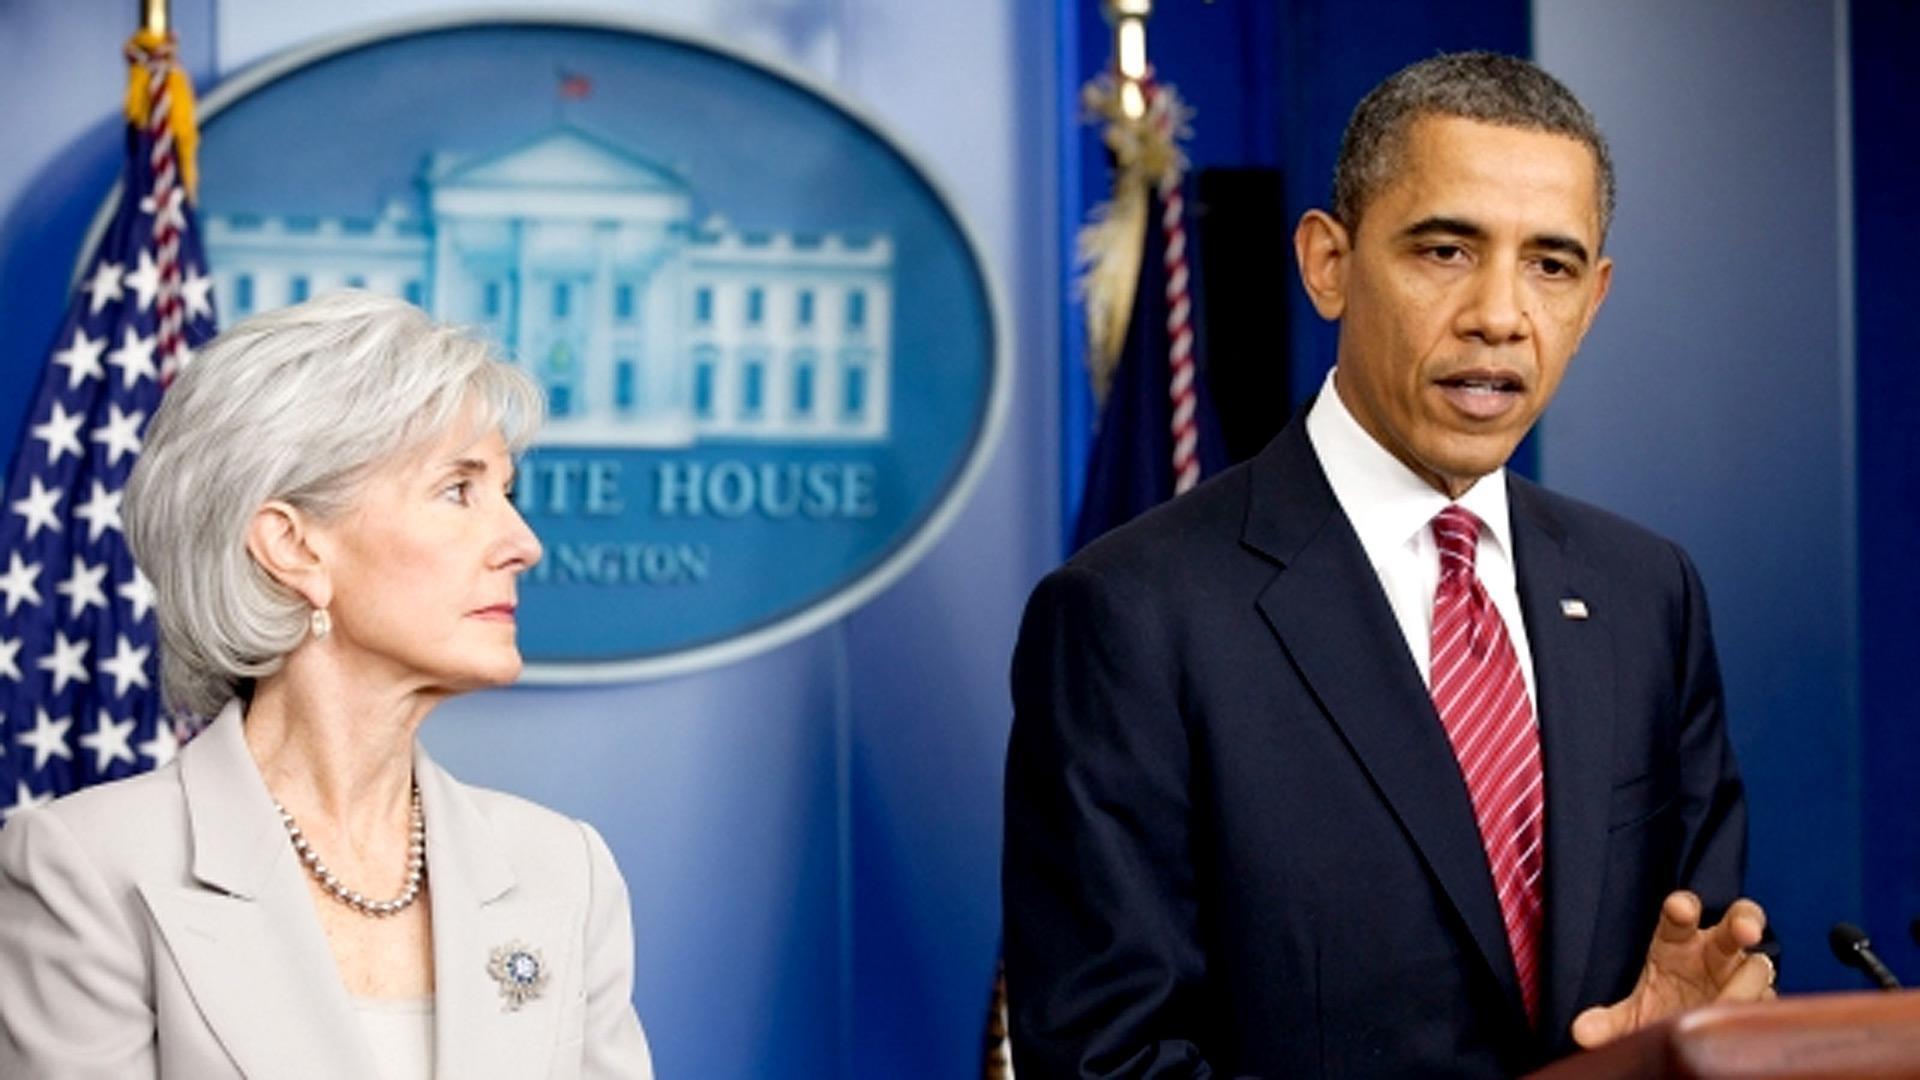 February 10, 2012 image